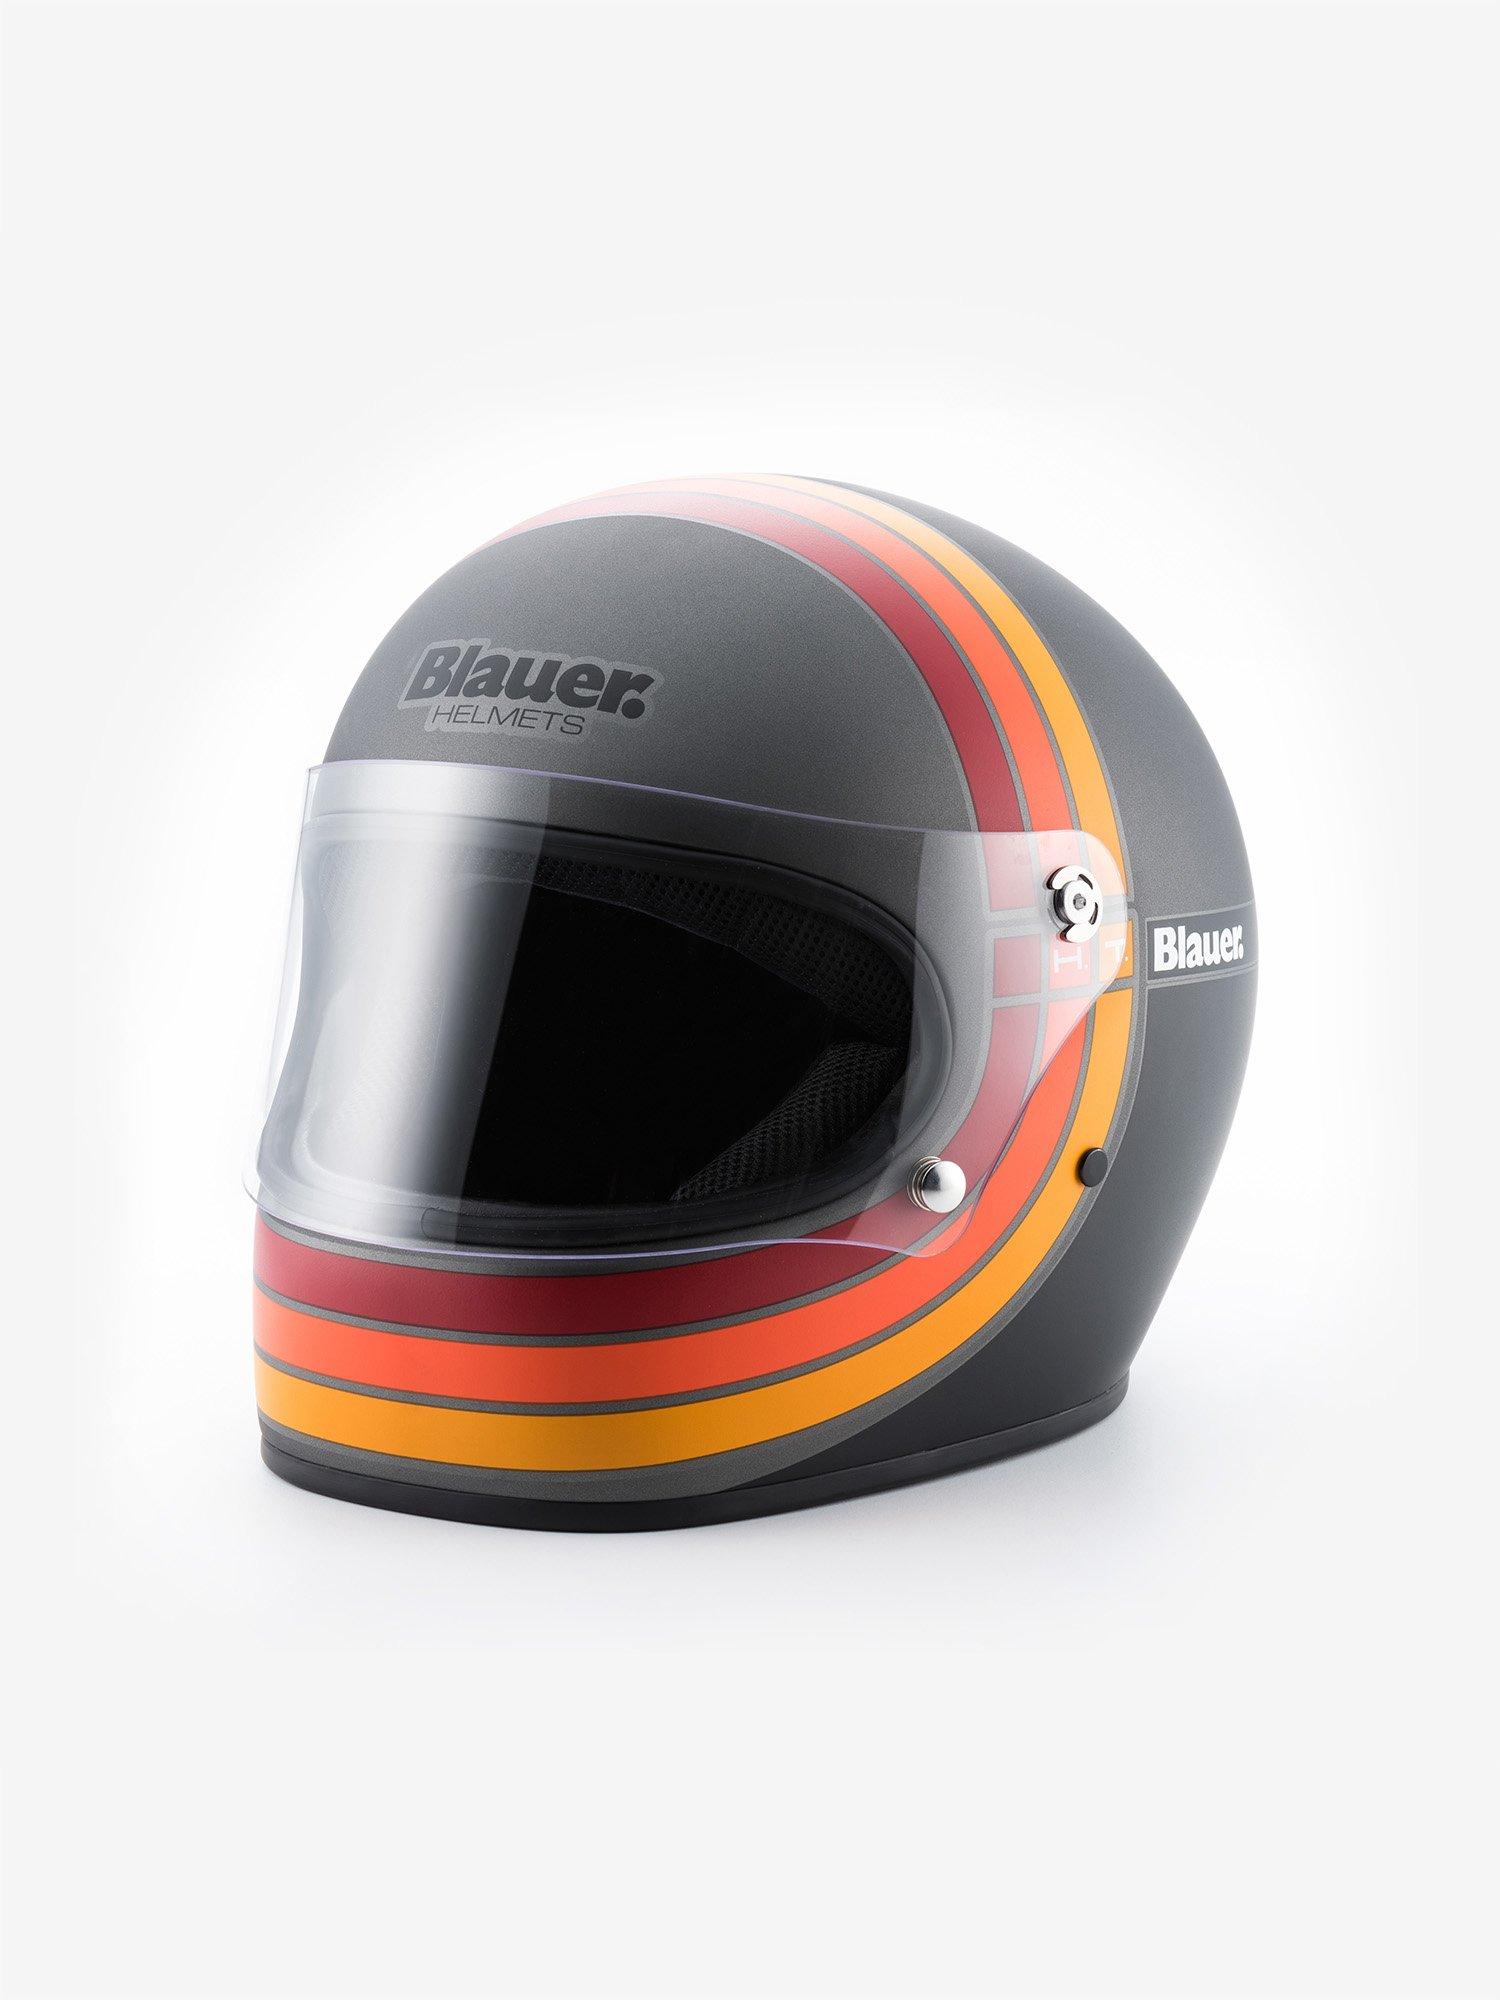 CASCO 80s - Blauer